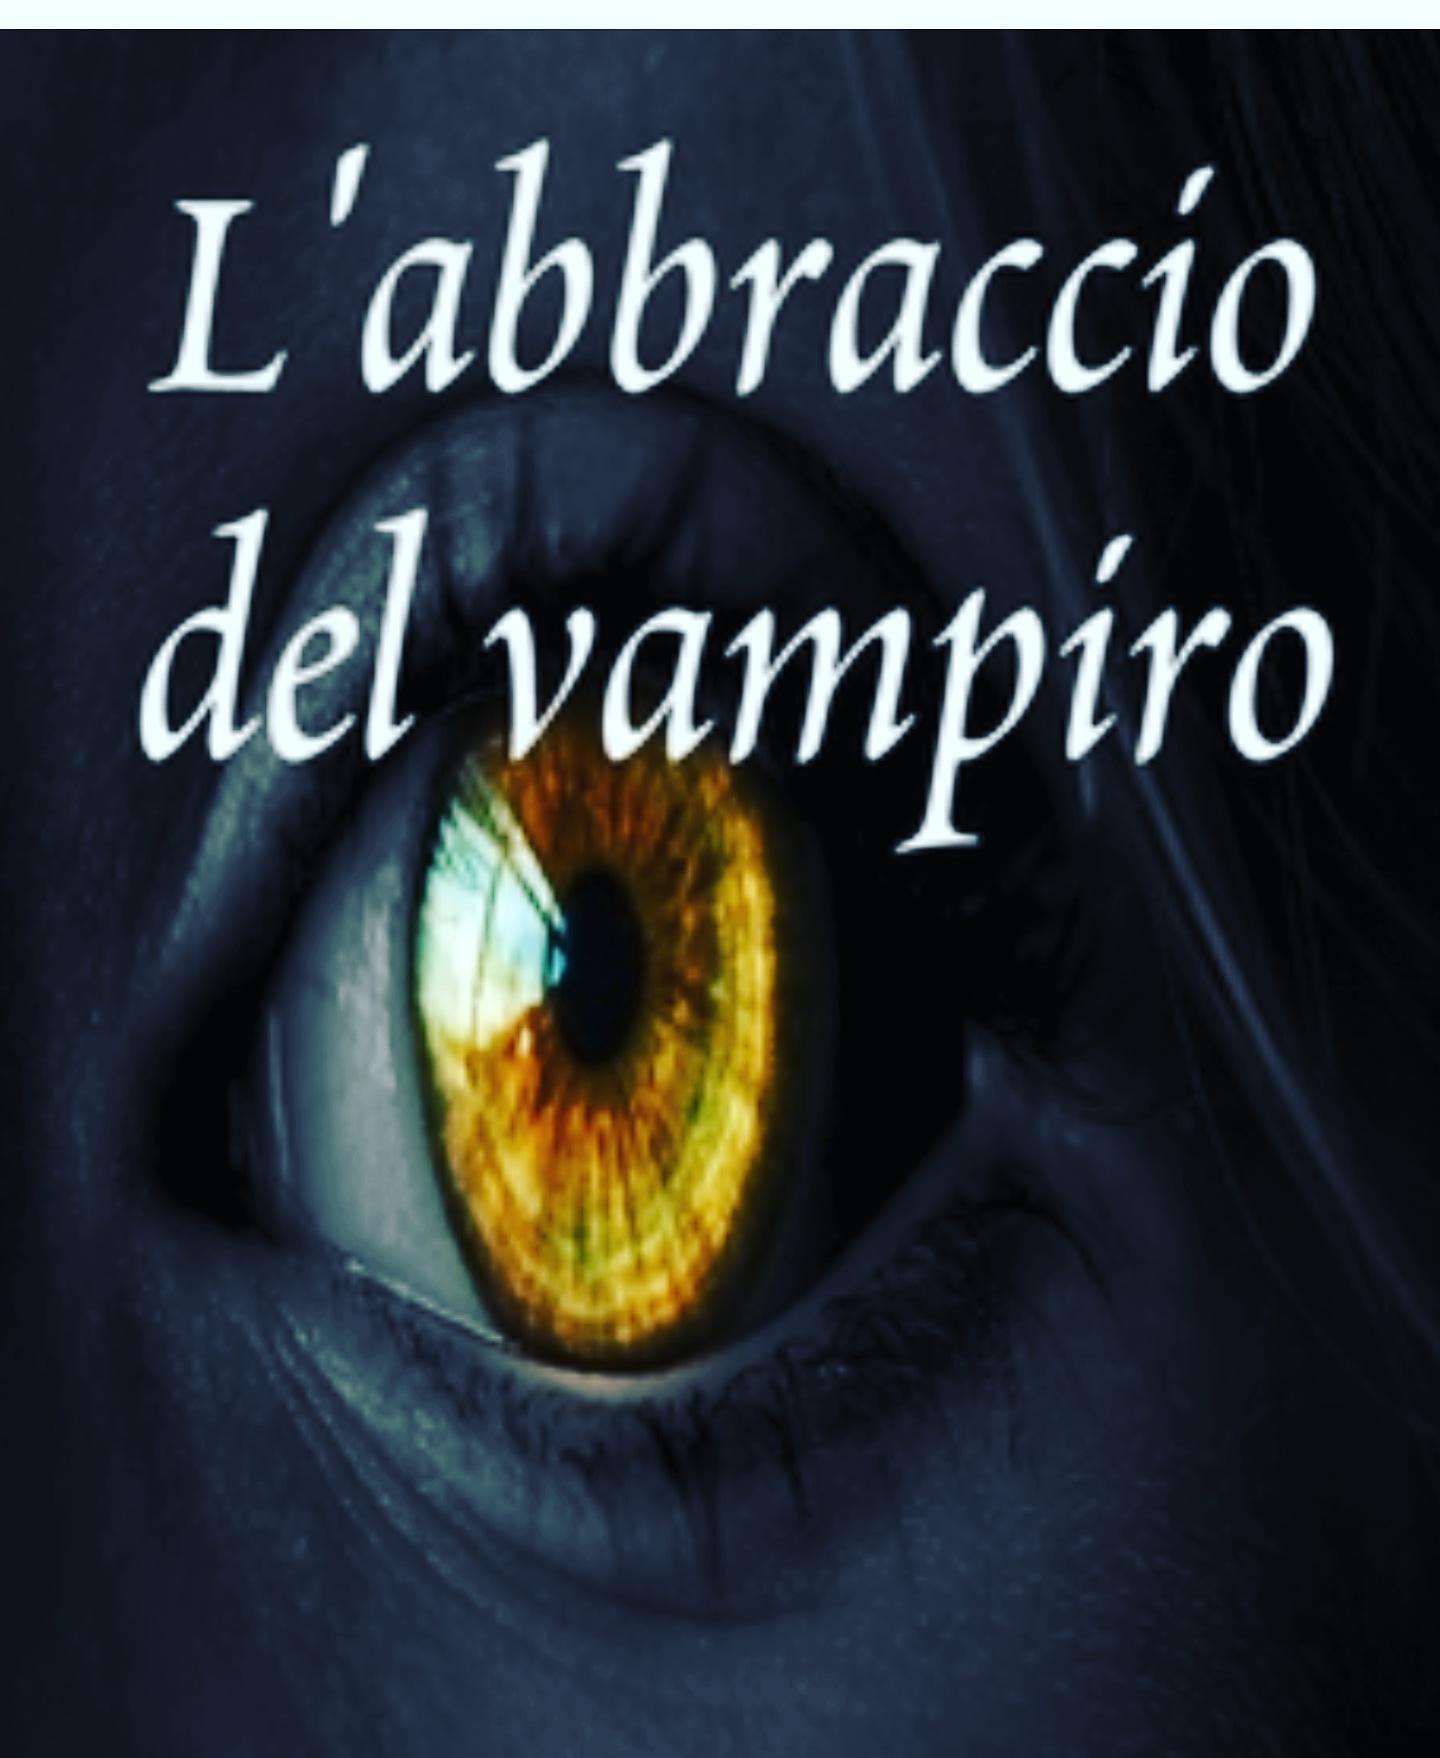 L'abbraccio del vampiro